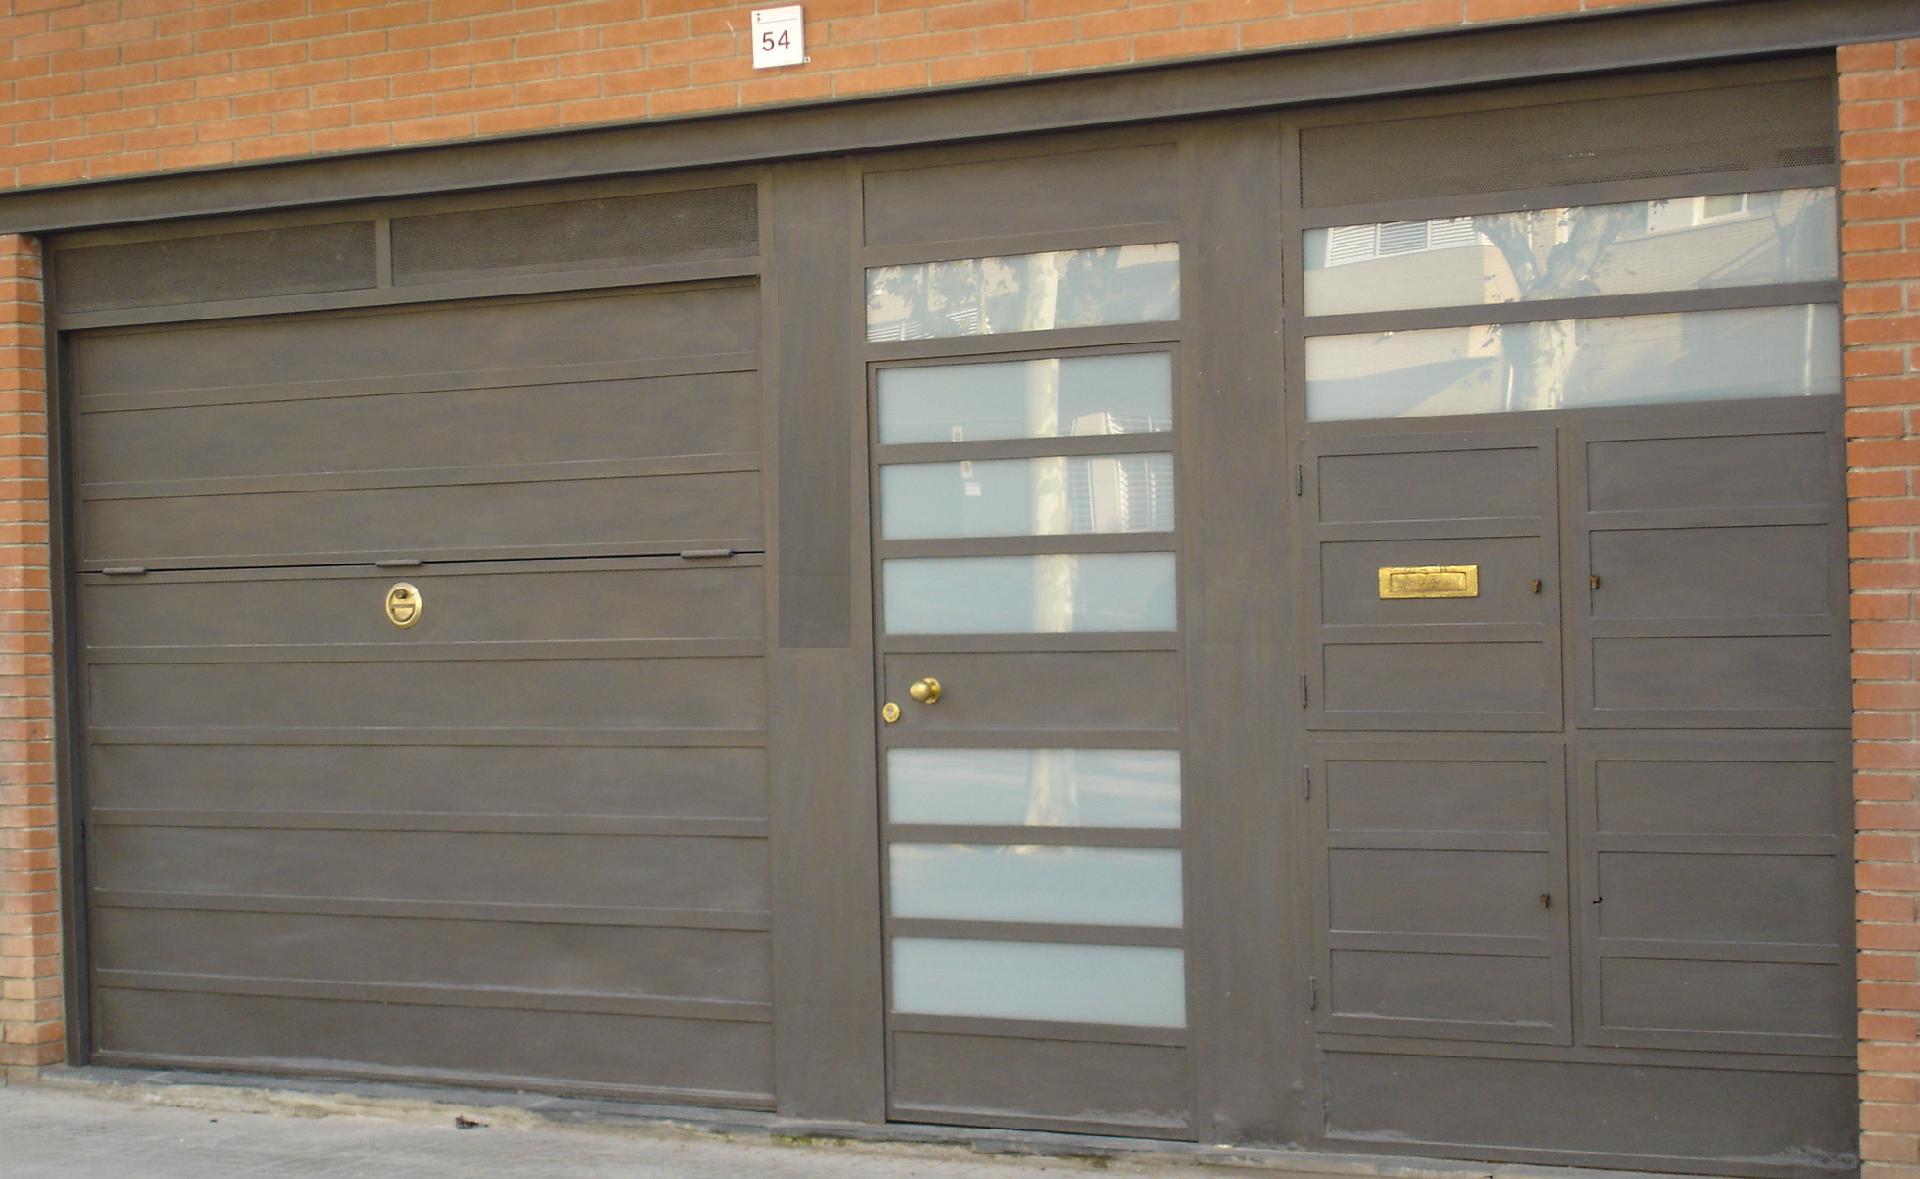 Puertas de garaje grupo inoxmetal construcciones met lica for Puertas metalicas